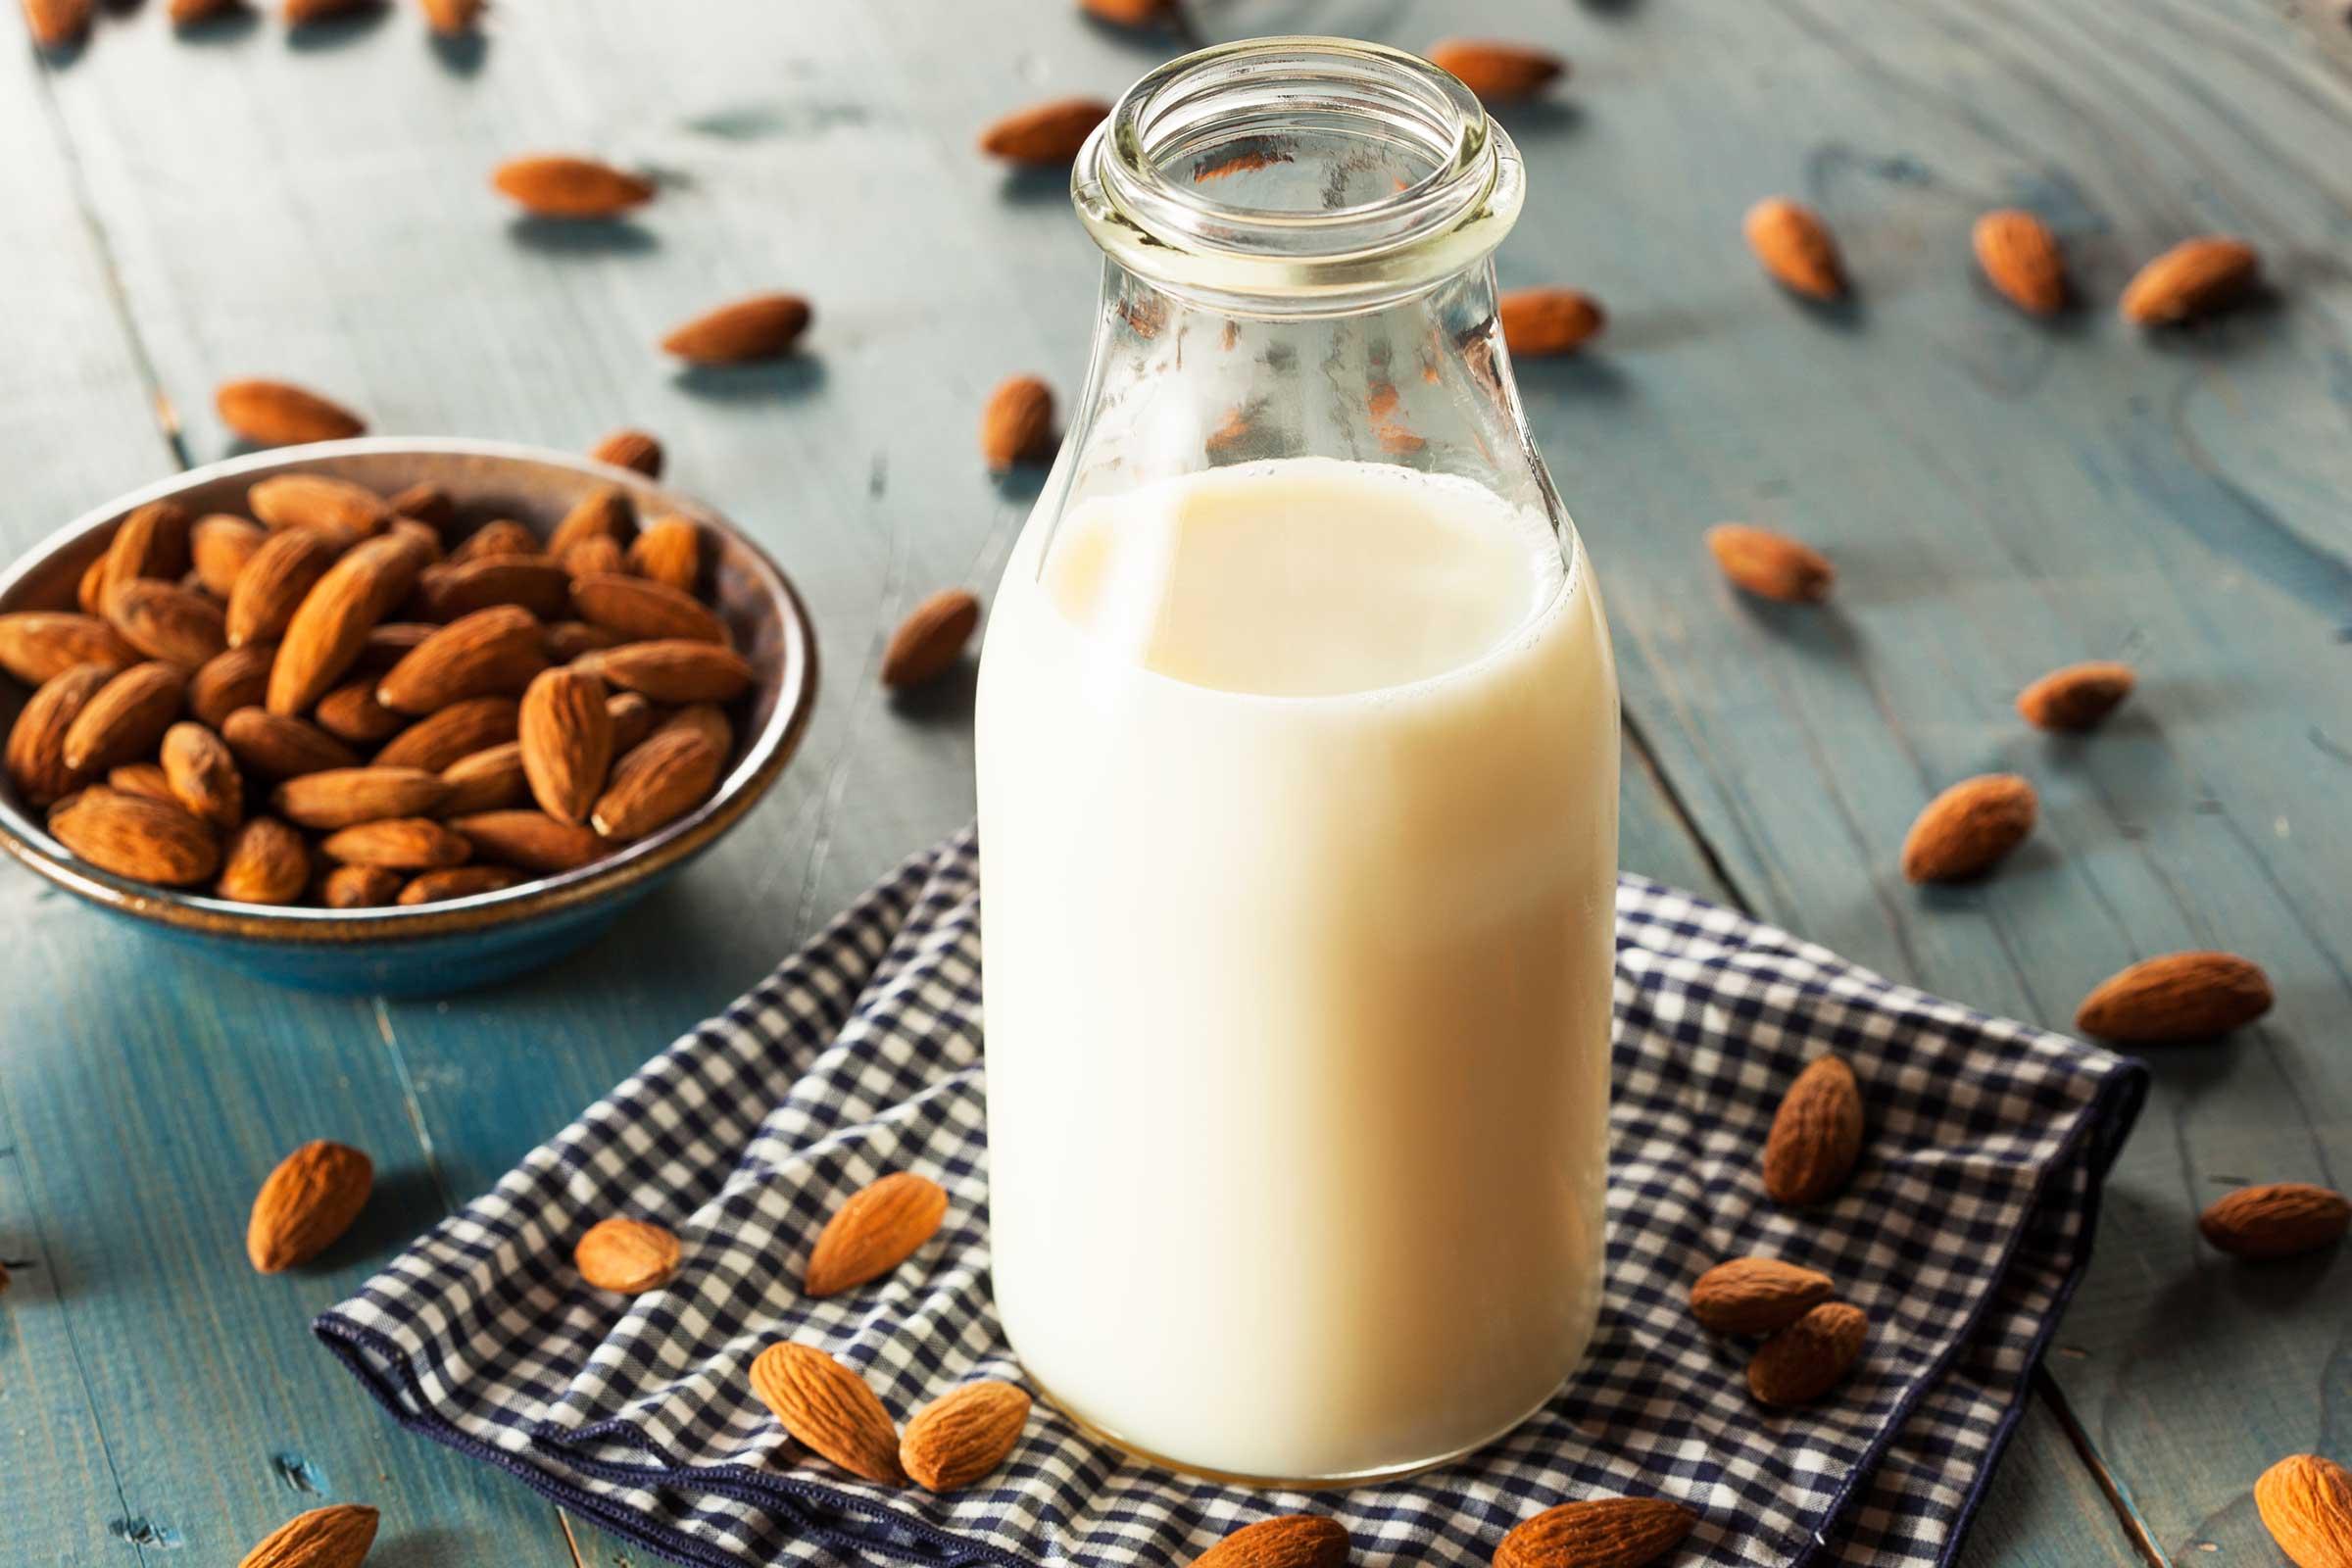 Prečo nepijem živočíšne mlieko